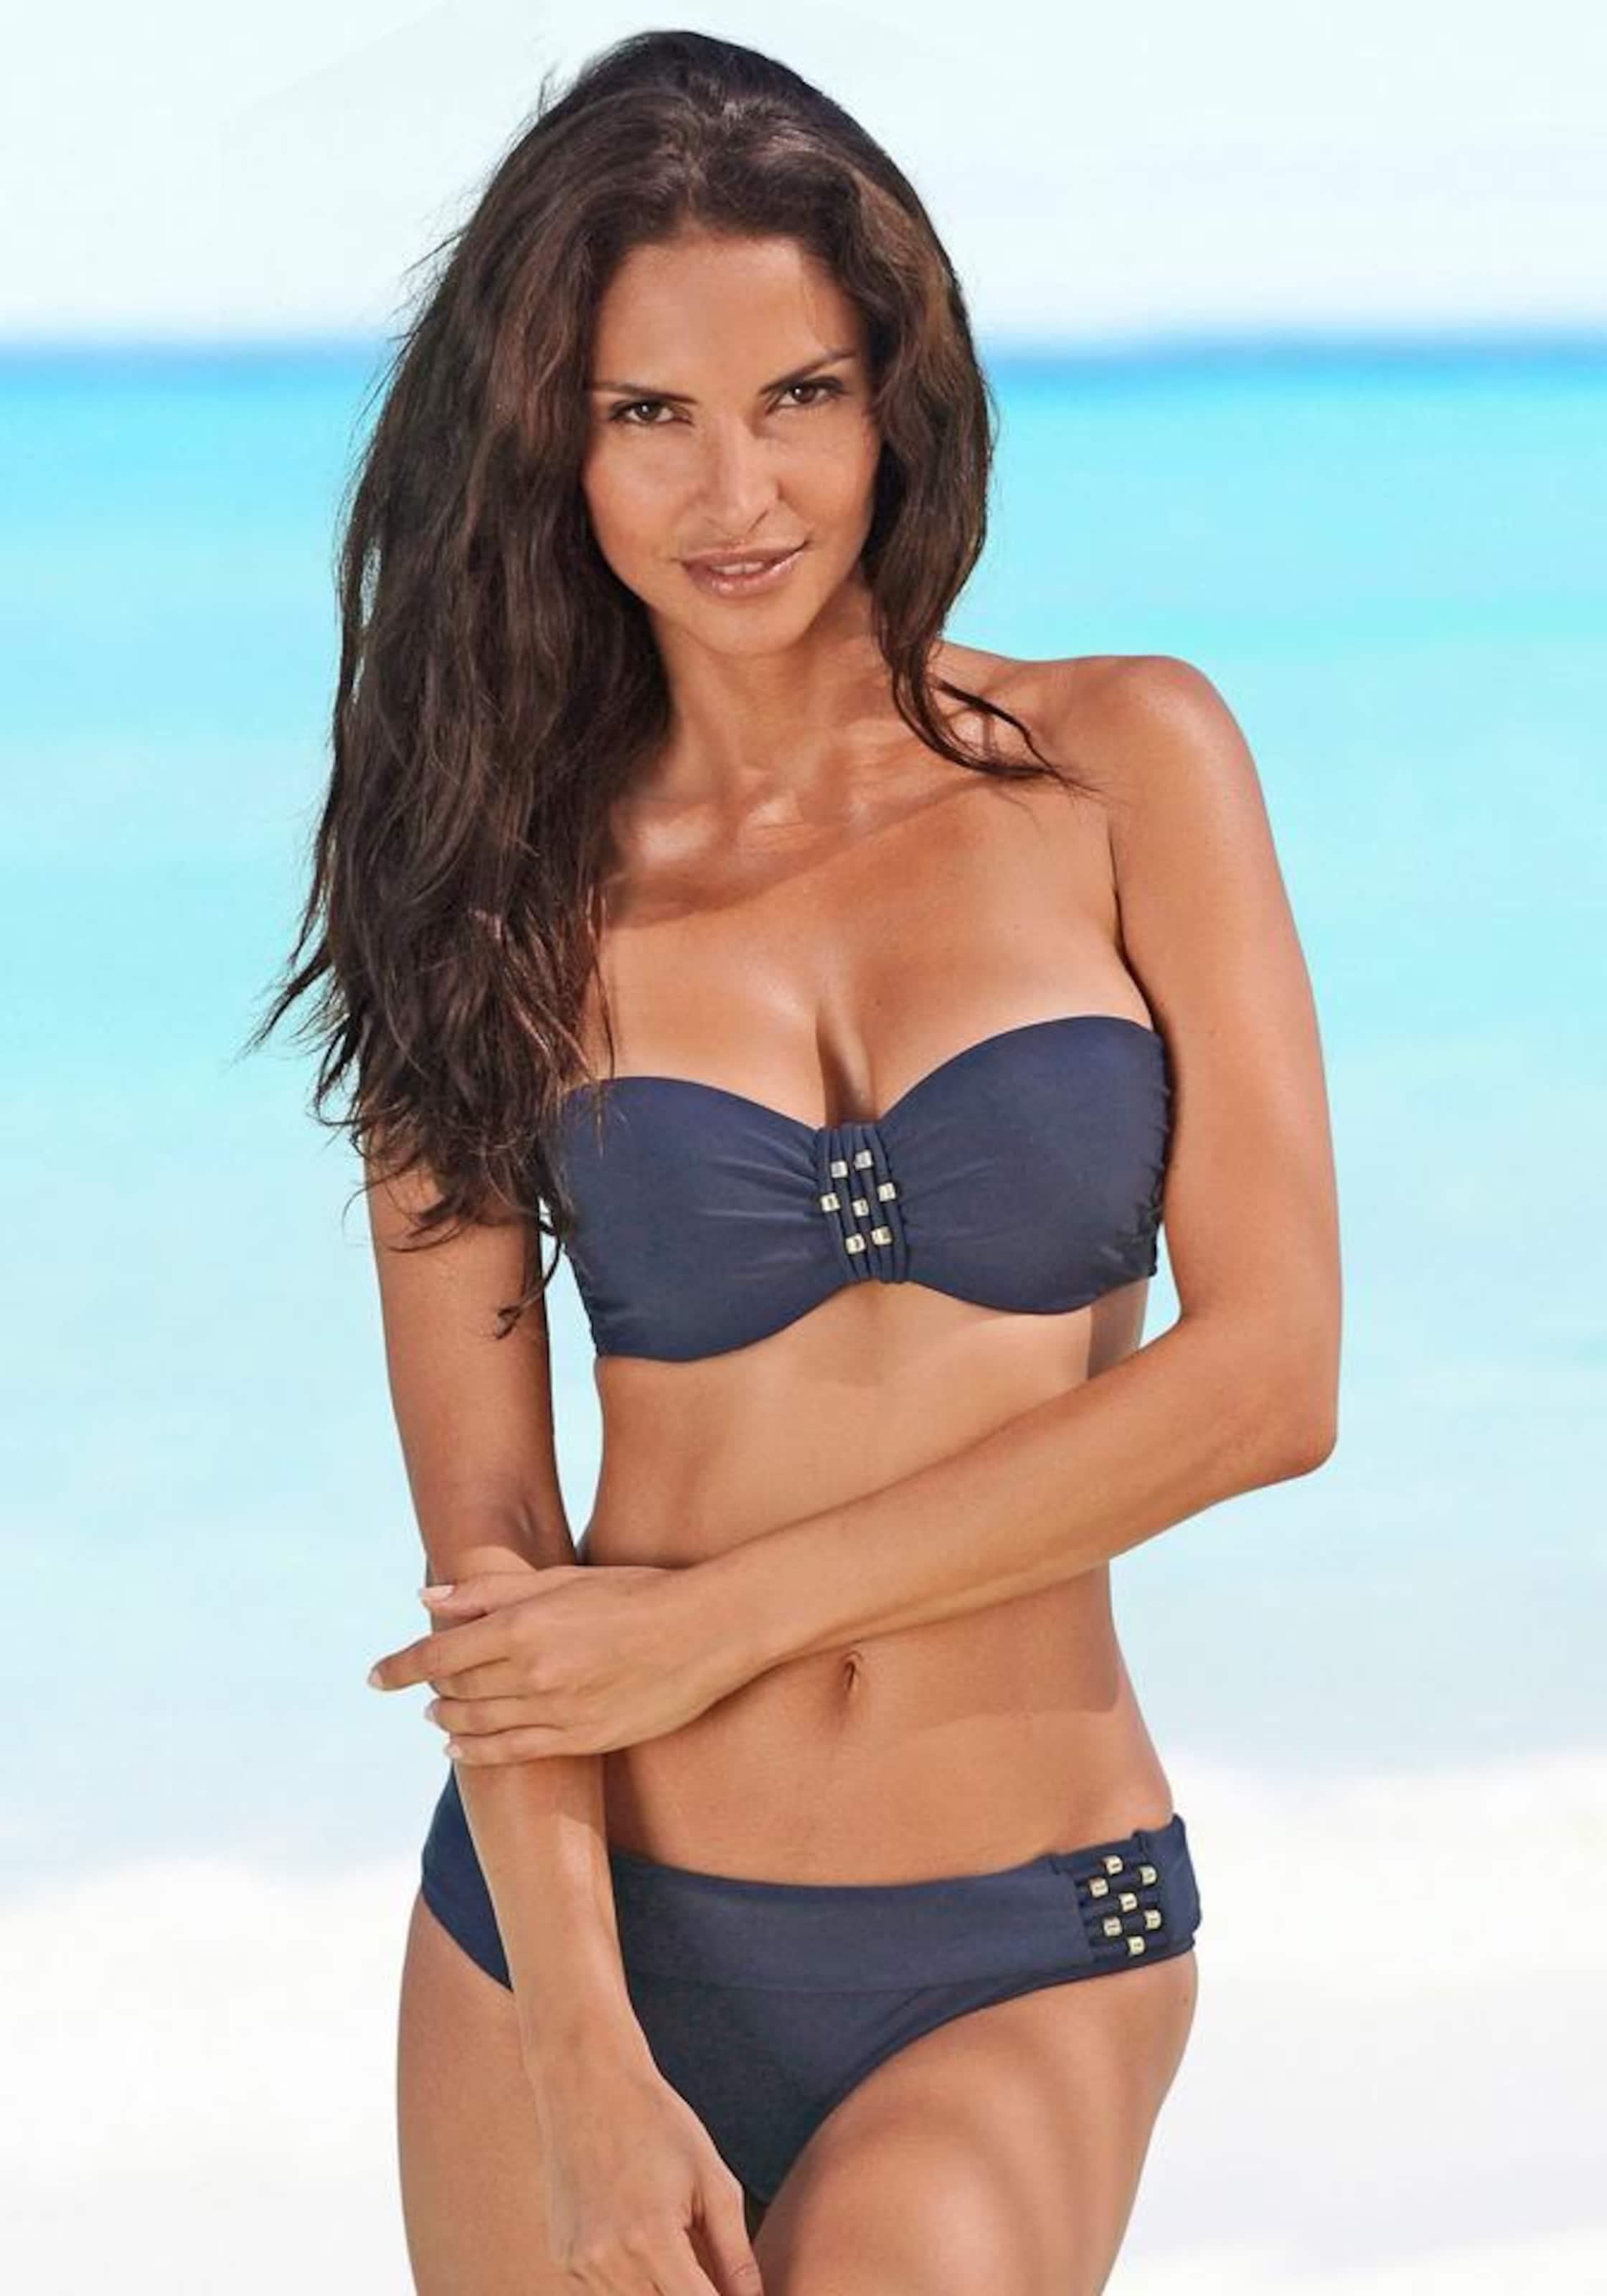 LASCANA Bügel-Bandeau-Bikini Günstige Preise Billige Veröffentlichungstermine Günstig Kaufen Angebot 4ml7dxq